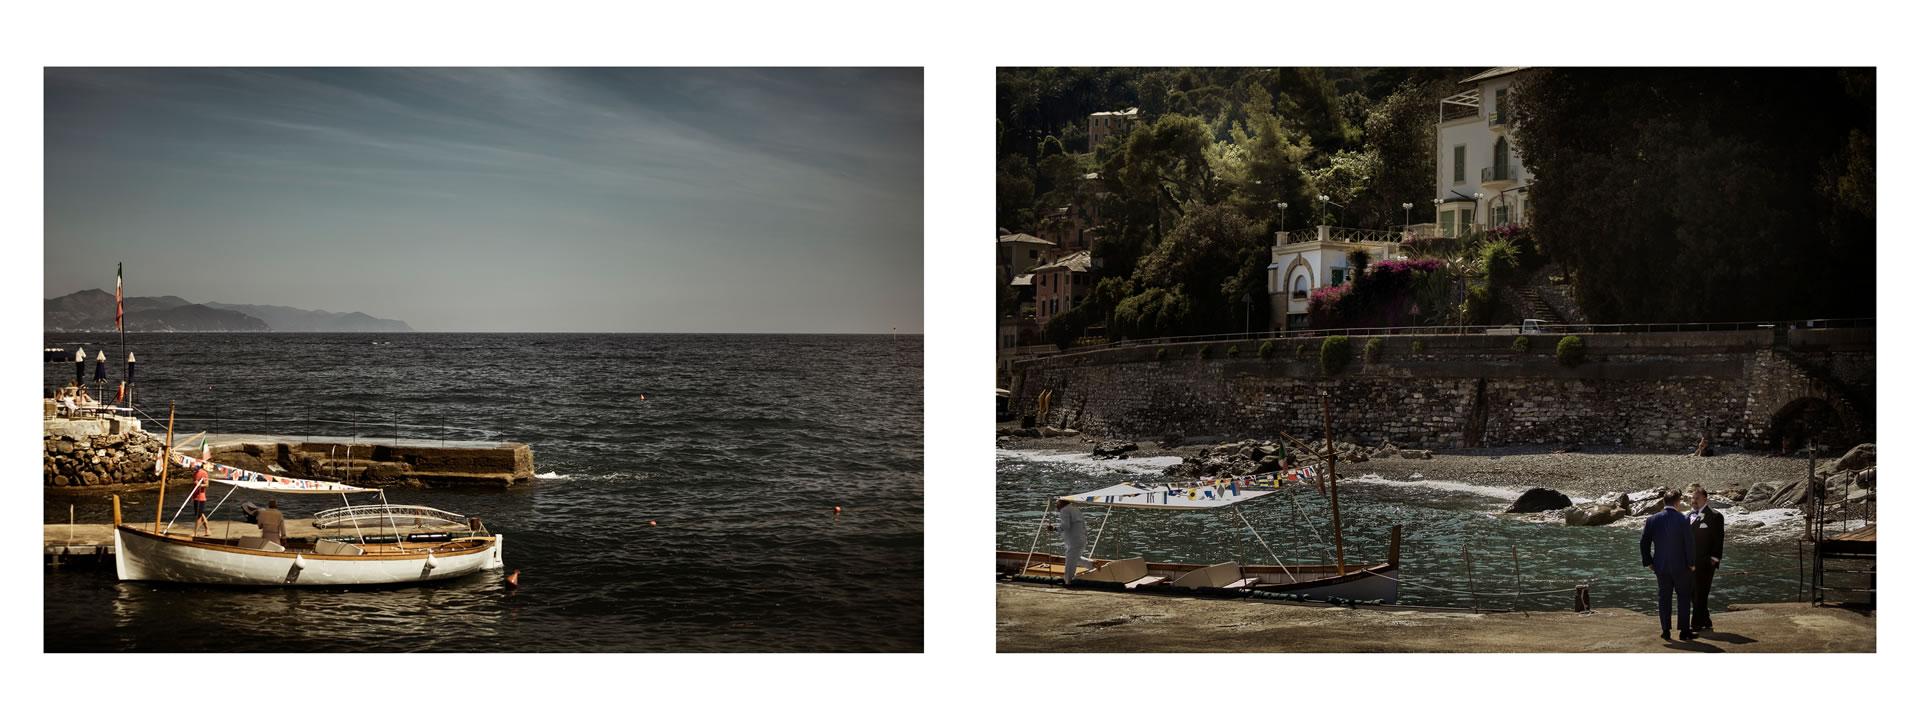 same-sex-love-in-portofino-david-bastianoni-photographer-00013 - 13 :: Wedding in Portofino // WPPI 2018 // The man that I love :: Luxury wedding photography - 12 :: same-sex-love-in-portofino-david-bastianoni-photographer-00013 - 13